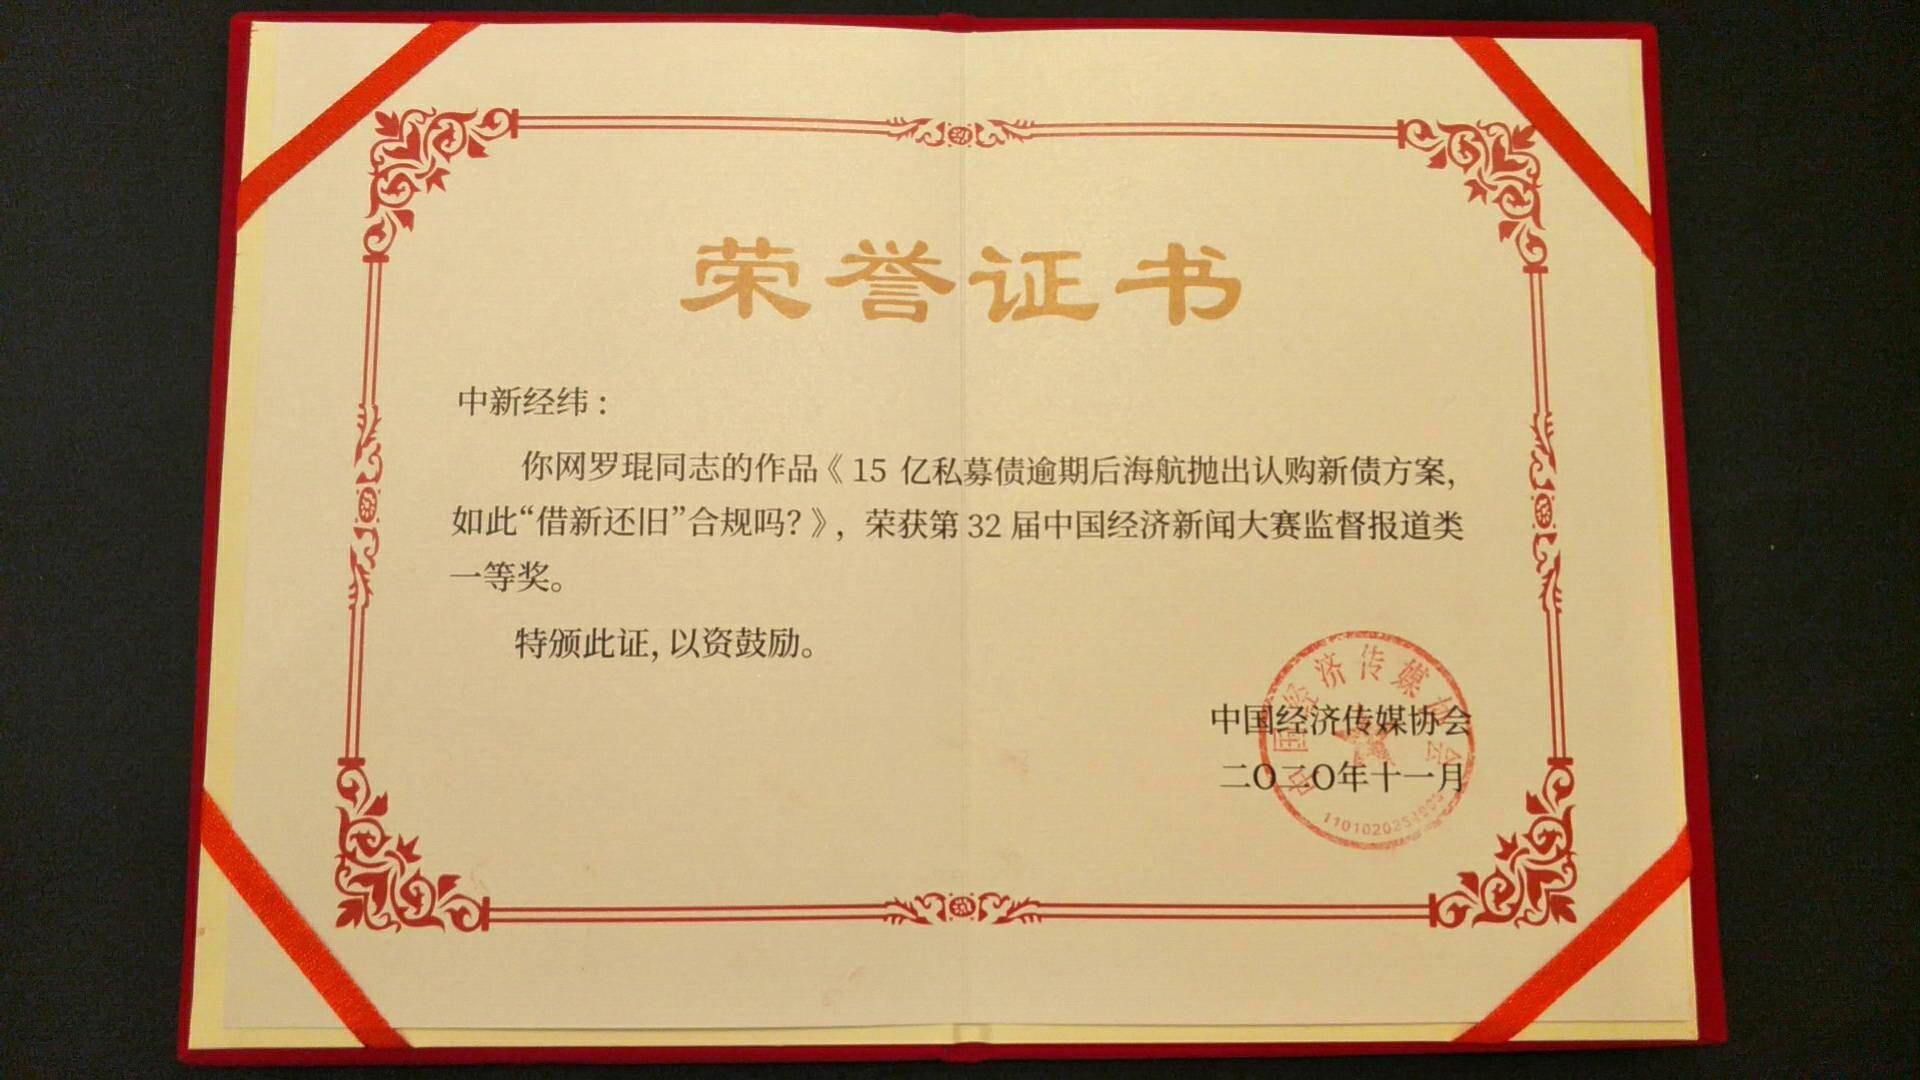 第32届中国经济新闻奖揭晓 281件作品获奖